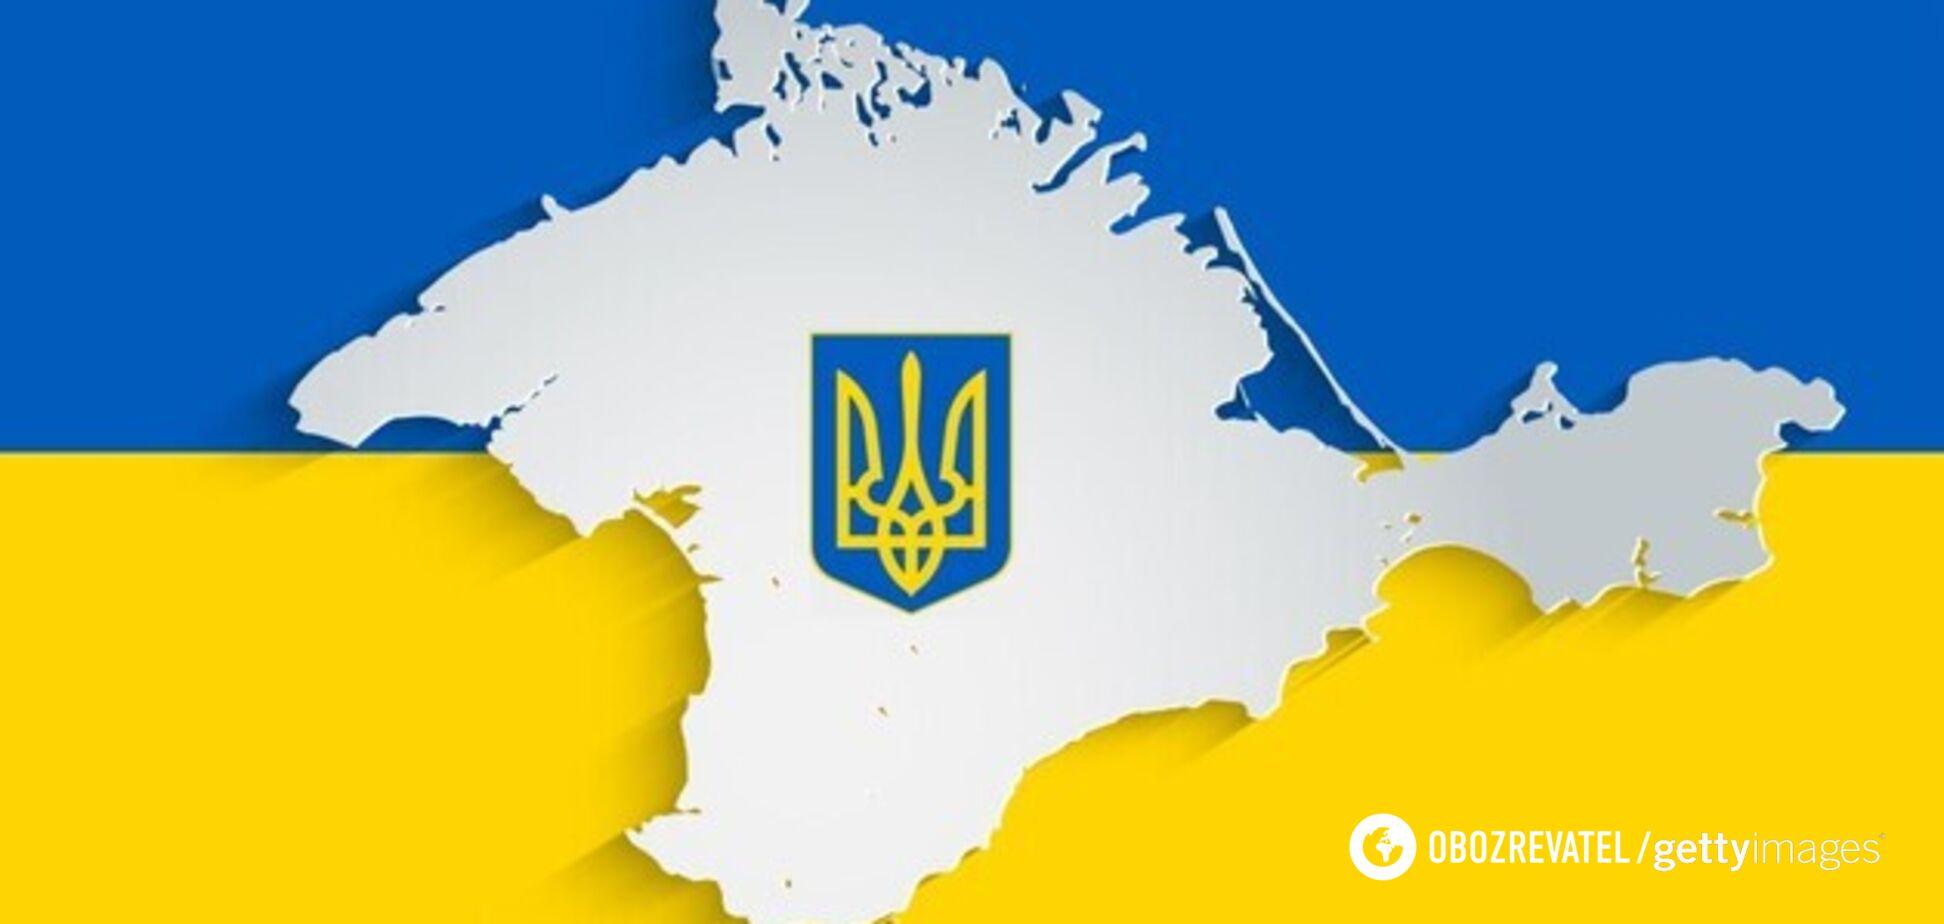 Новини Кримнашу. Кожен кримський куточок кричить: 'пішов геть, Крим не твій!'